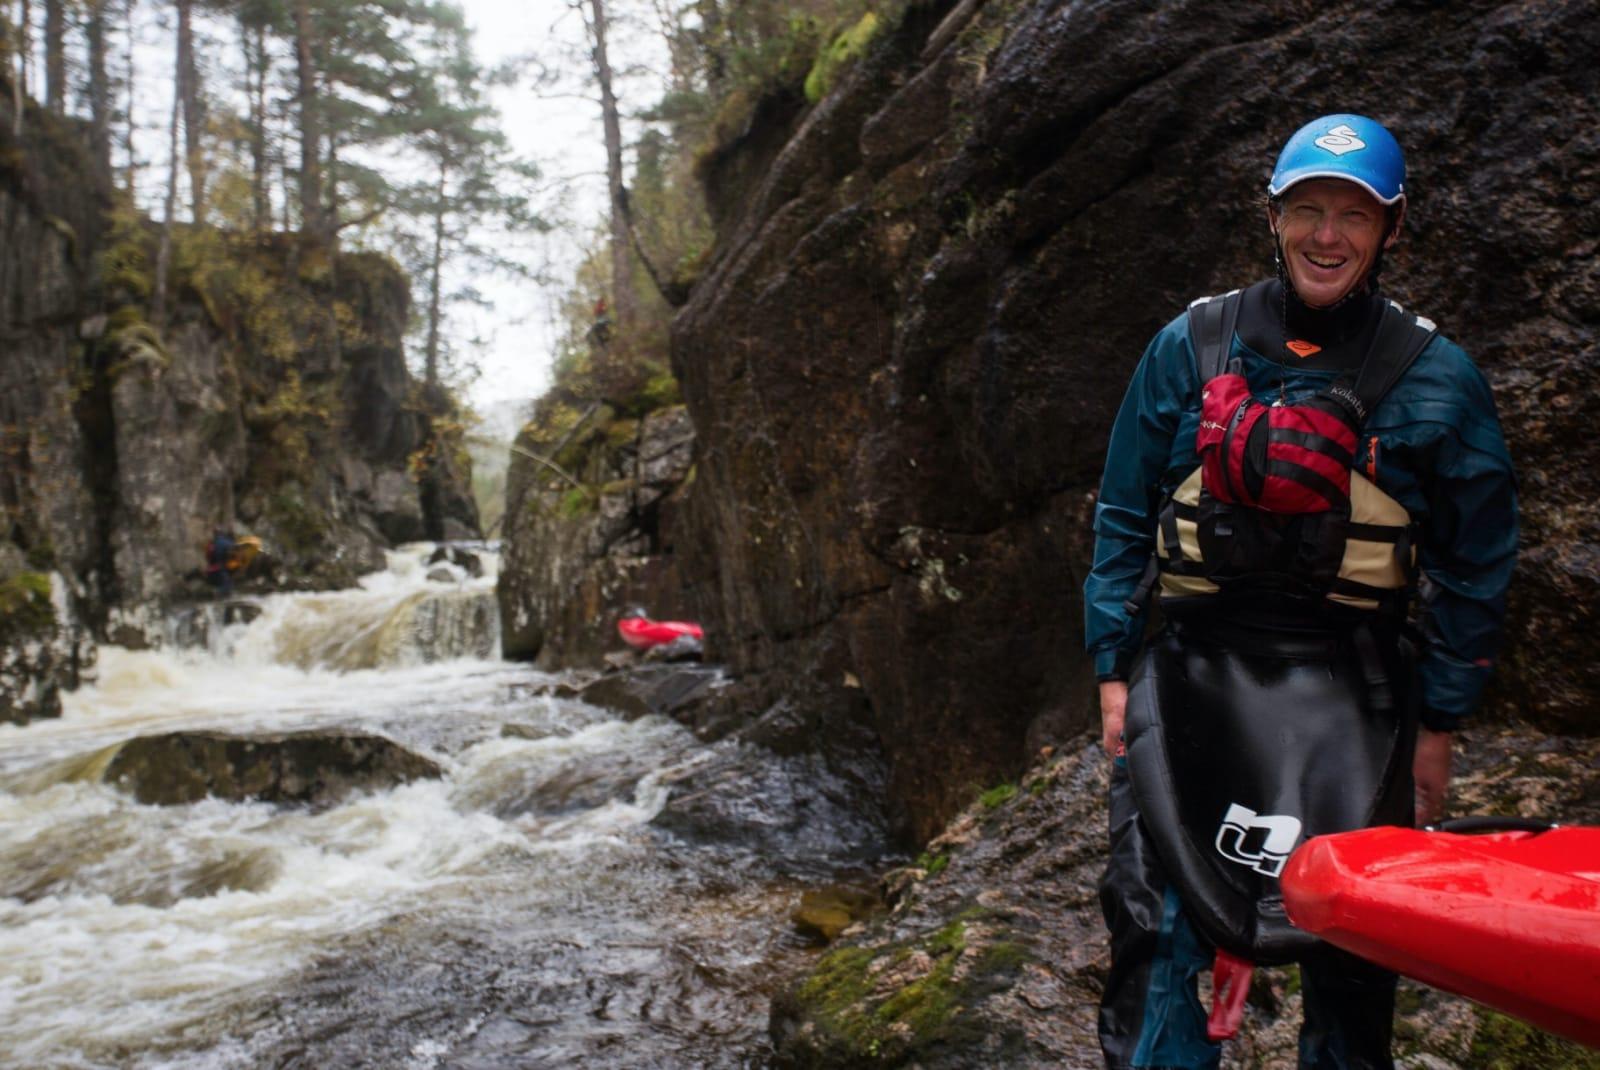 GODT HUMØR: Selv om han er berykta for å skremme vannet av de han har med seg på padletur, er ingenting skummelt med Flemming sjøl. Han er alltid i godt humør på elva. Bilde: Tore Meirik